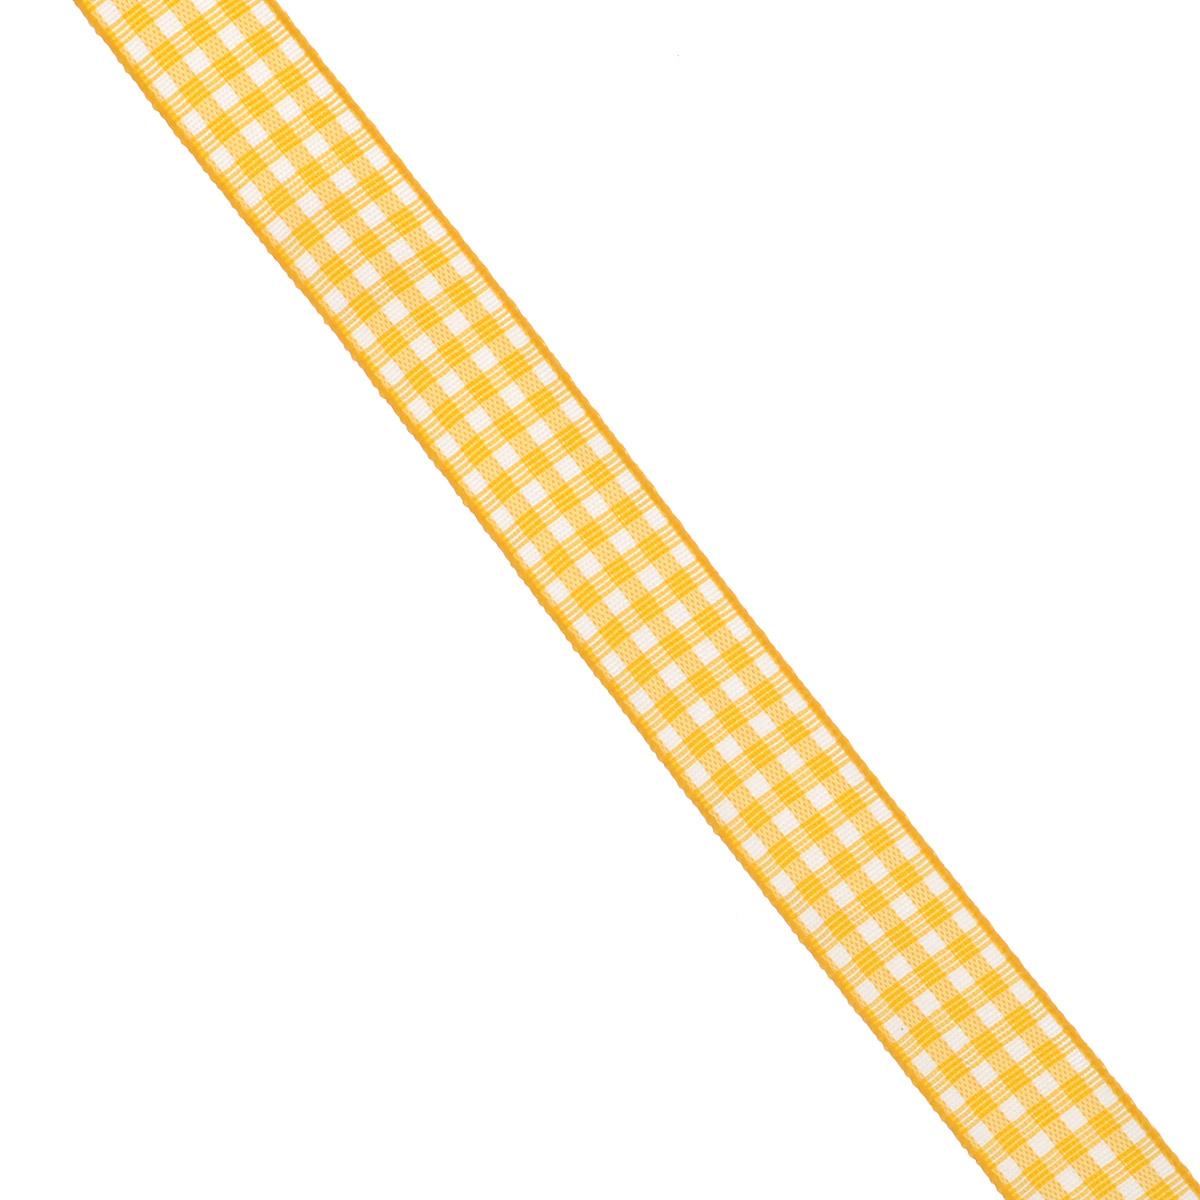 Лента декоративная Brunnen, цвет: желтый, ширина 1,5 см, длина 2 м834113-10\STWДекоративная лента Brunnen, изготовленная из текстиля, предназначена для оформления цветочных букетов, подарочных коробок, пакетов. Кроме того, она с успехом применяется для художественного оформления витрин, праздничного оформления помещений, изготовления искусственных цветов. Ее также можно использовать для творчества в различных техниках, таких как скрапбукинг, оформление аппликаций, для украшения фотоальбомов, подарков, конвертов, фоторамок, открыток и т.д.Ширина ленты: 1,5 см.Длина ленты: 2 м.